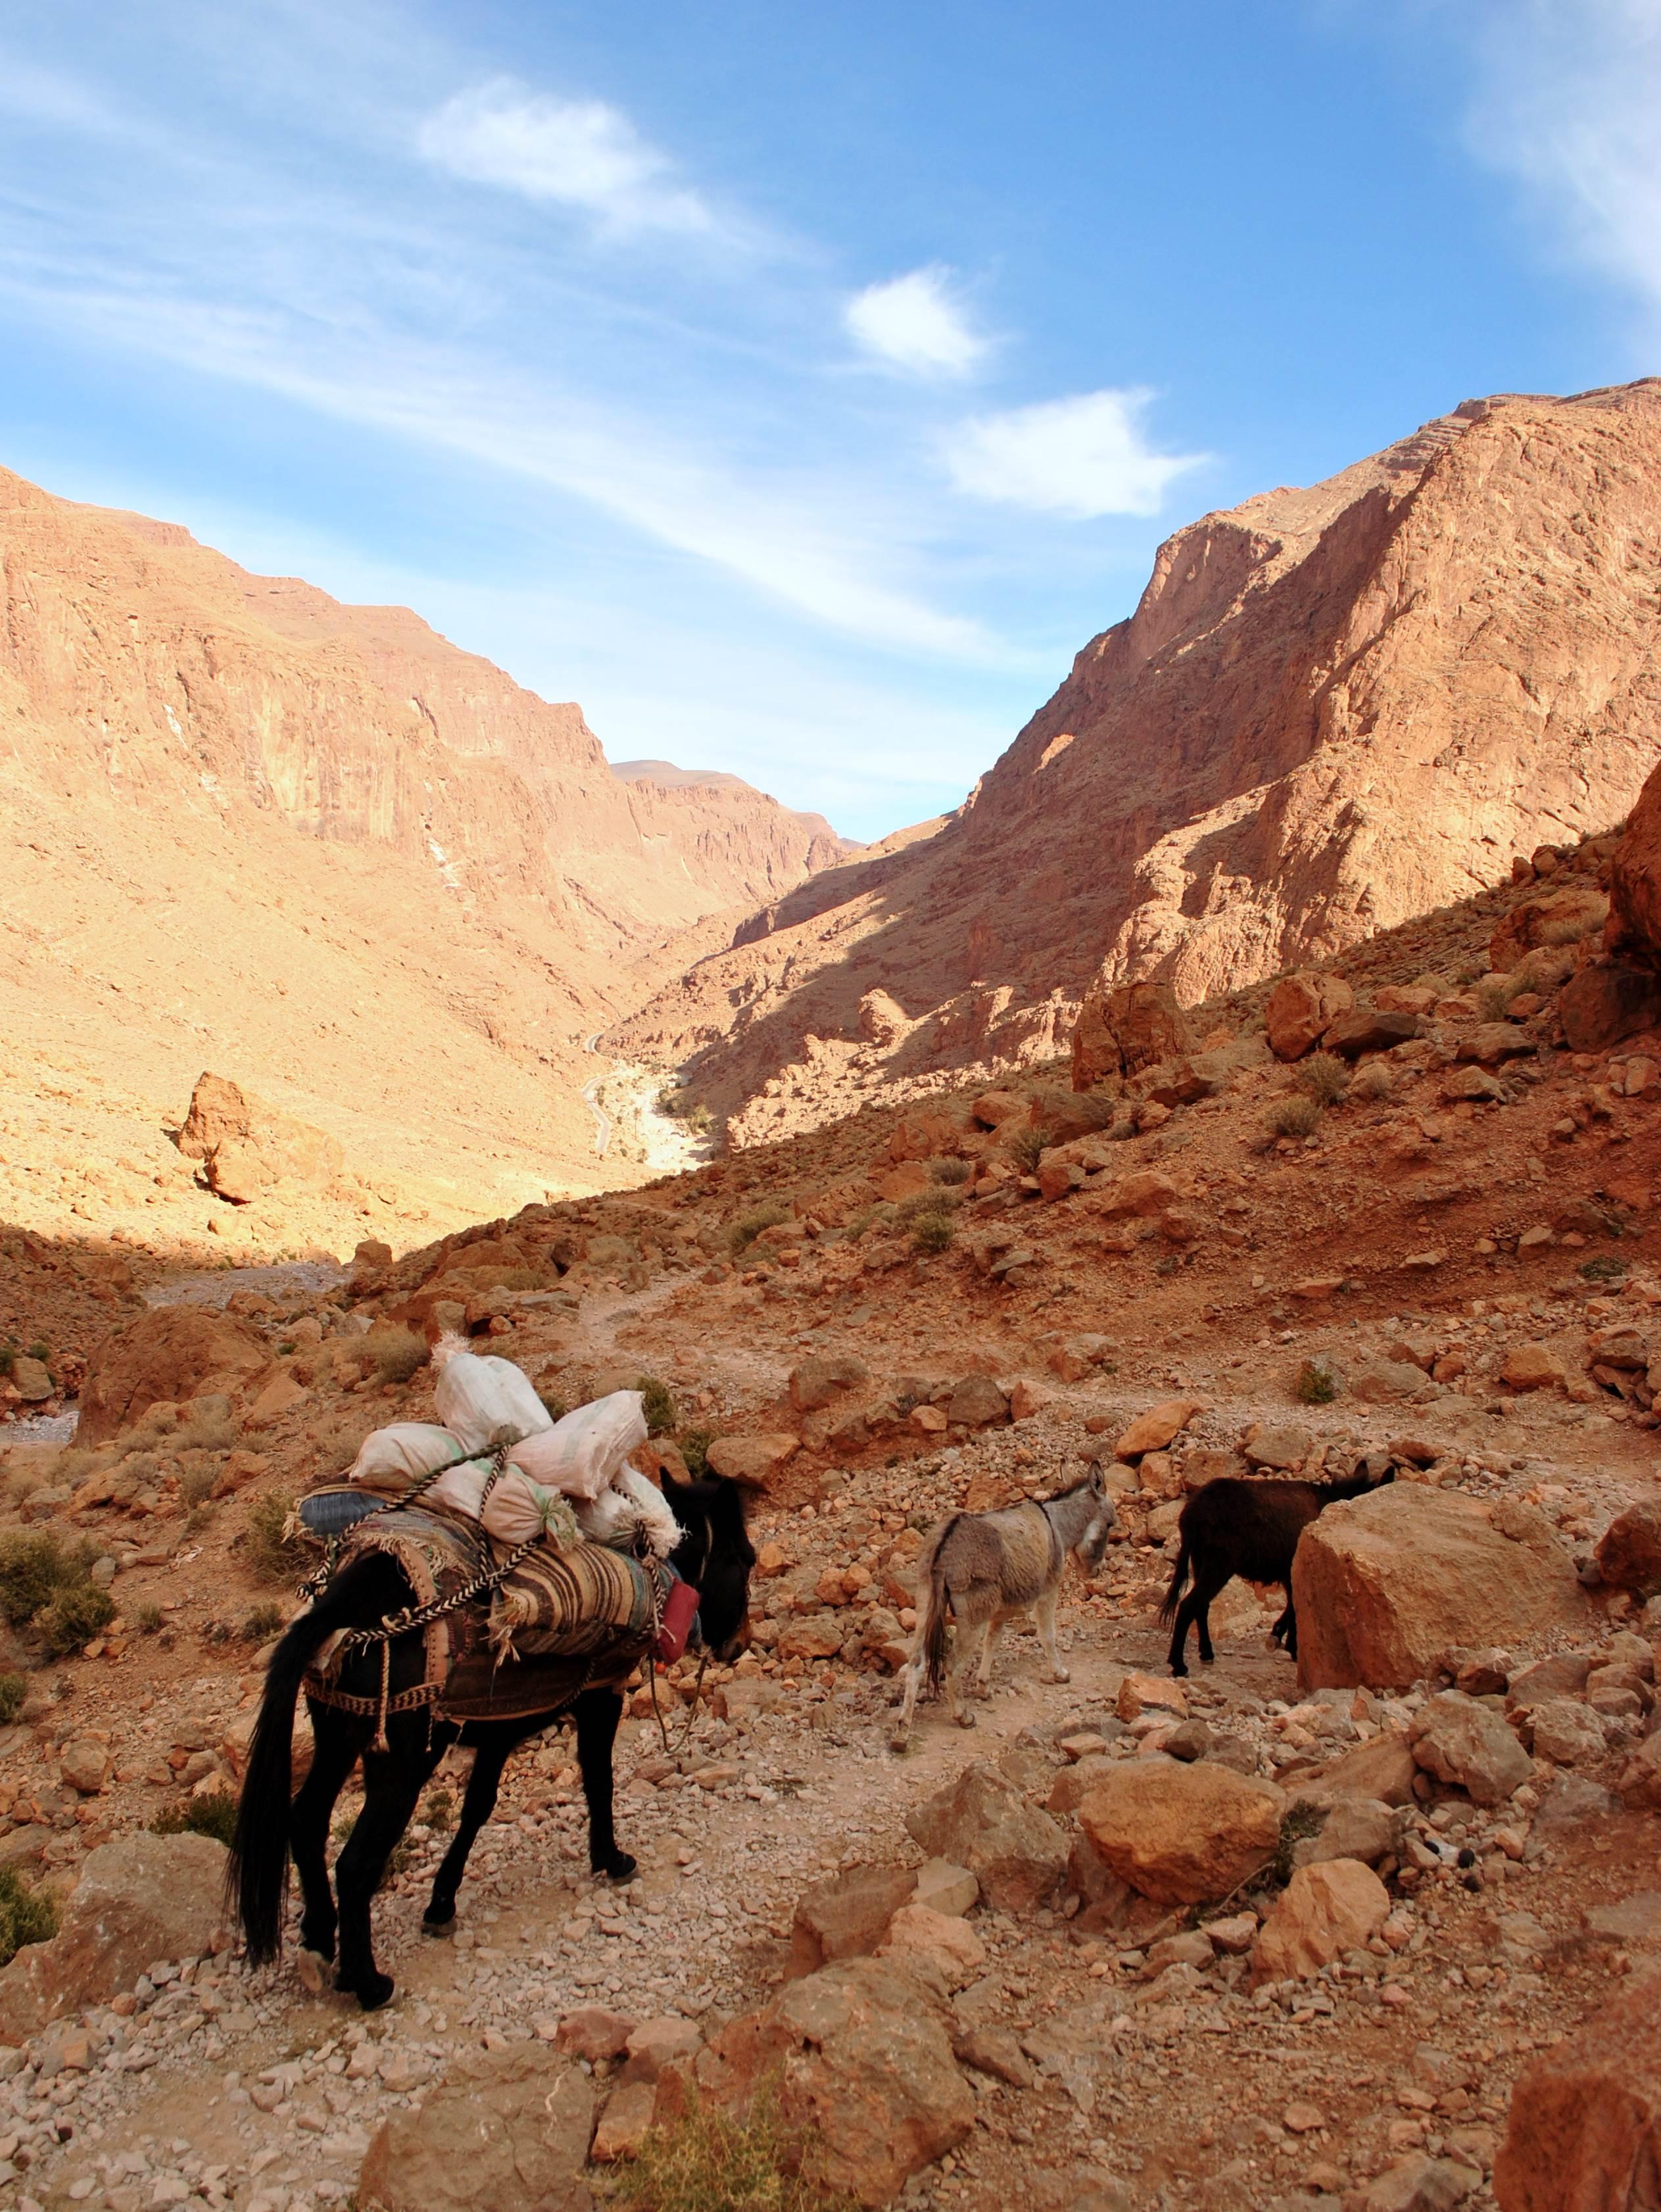 Maroko - wakacje. Wąwóz Todra Maroko Afryka